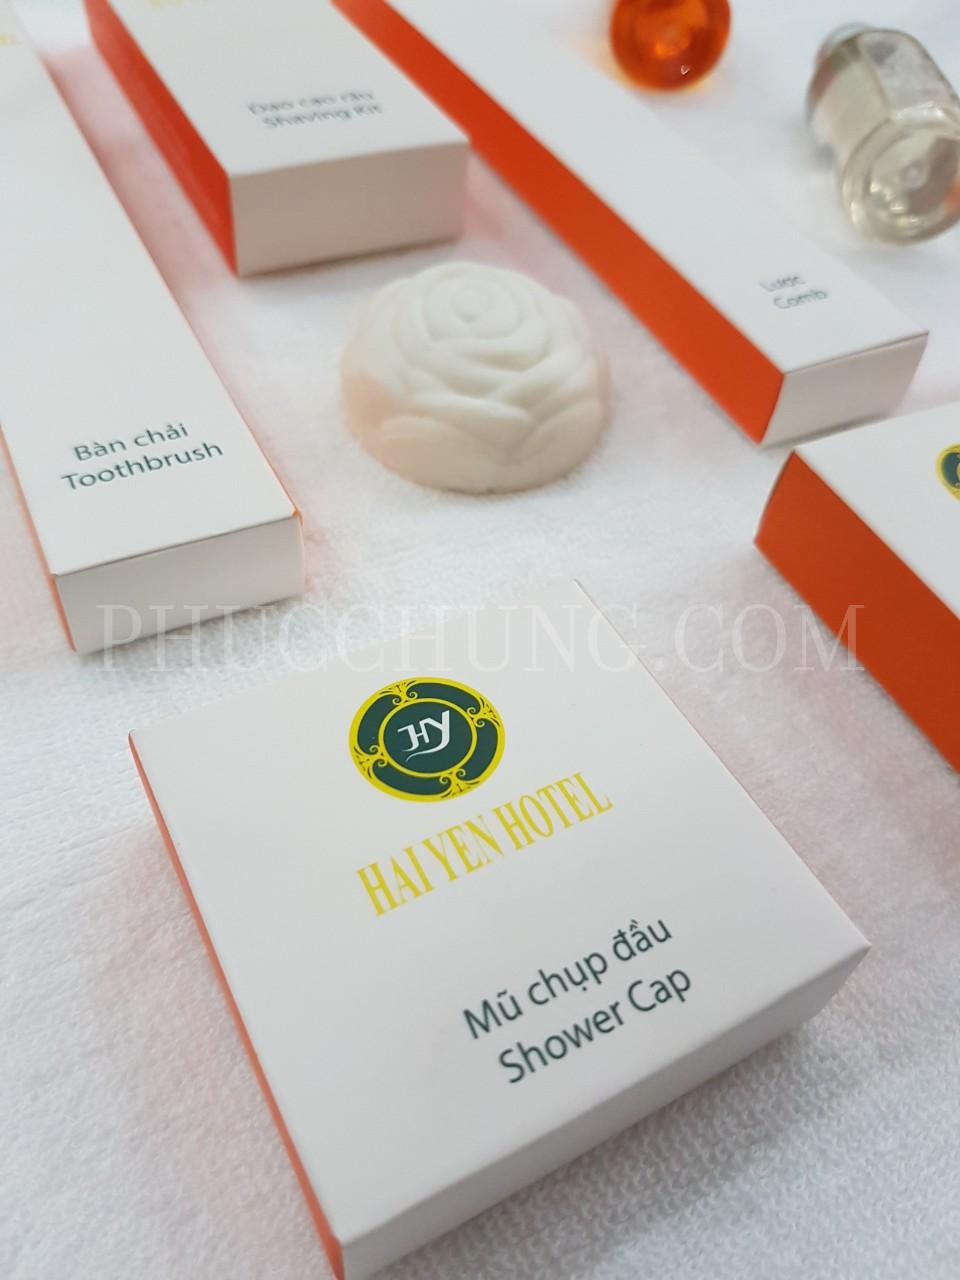 Bộ Amenities hộp giấy khách sạn Hải Yến